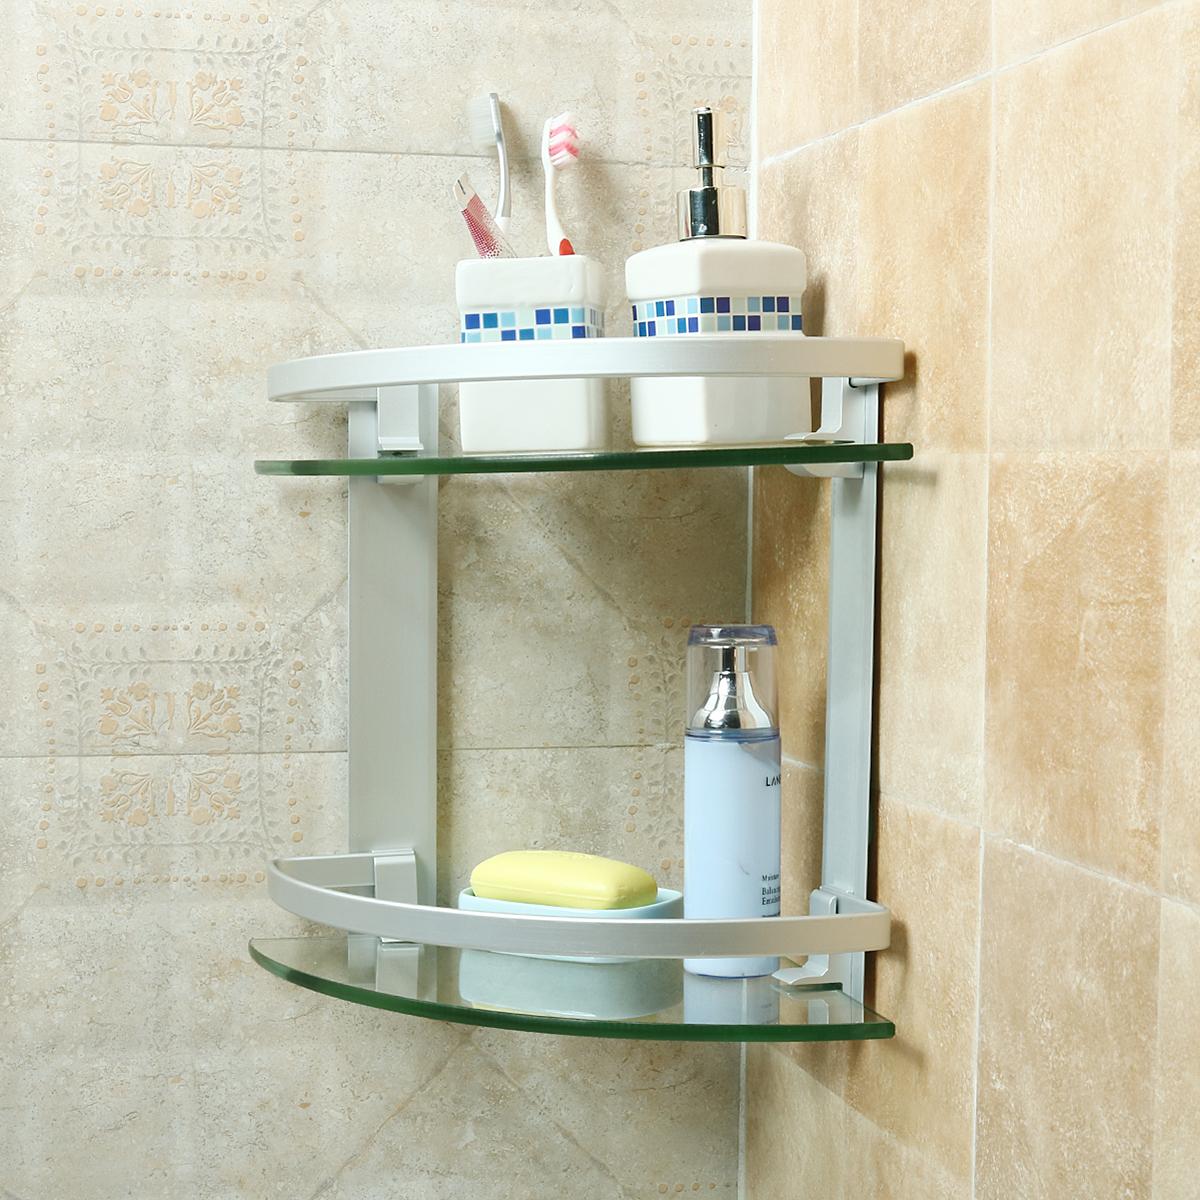 Oxydation Salle De Bain ~ tempsa 2 tag re d angle tablette tag re murale douche salle bain